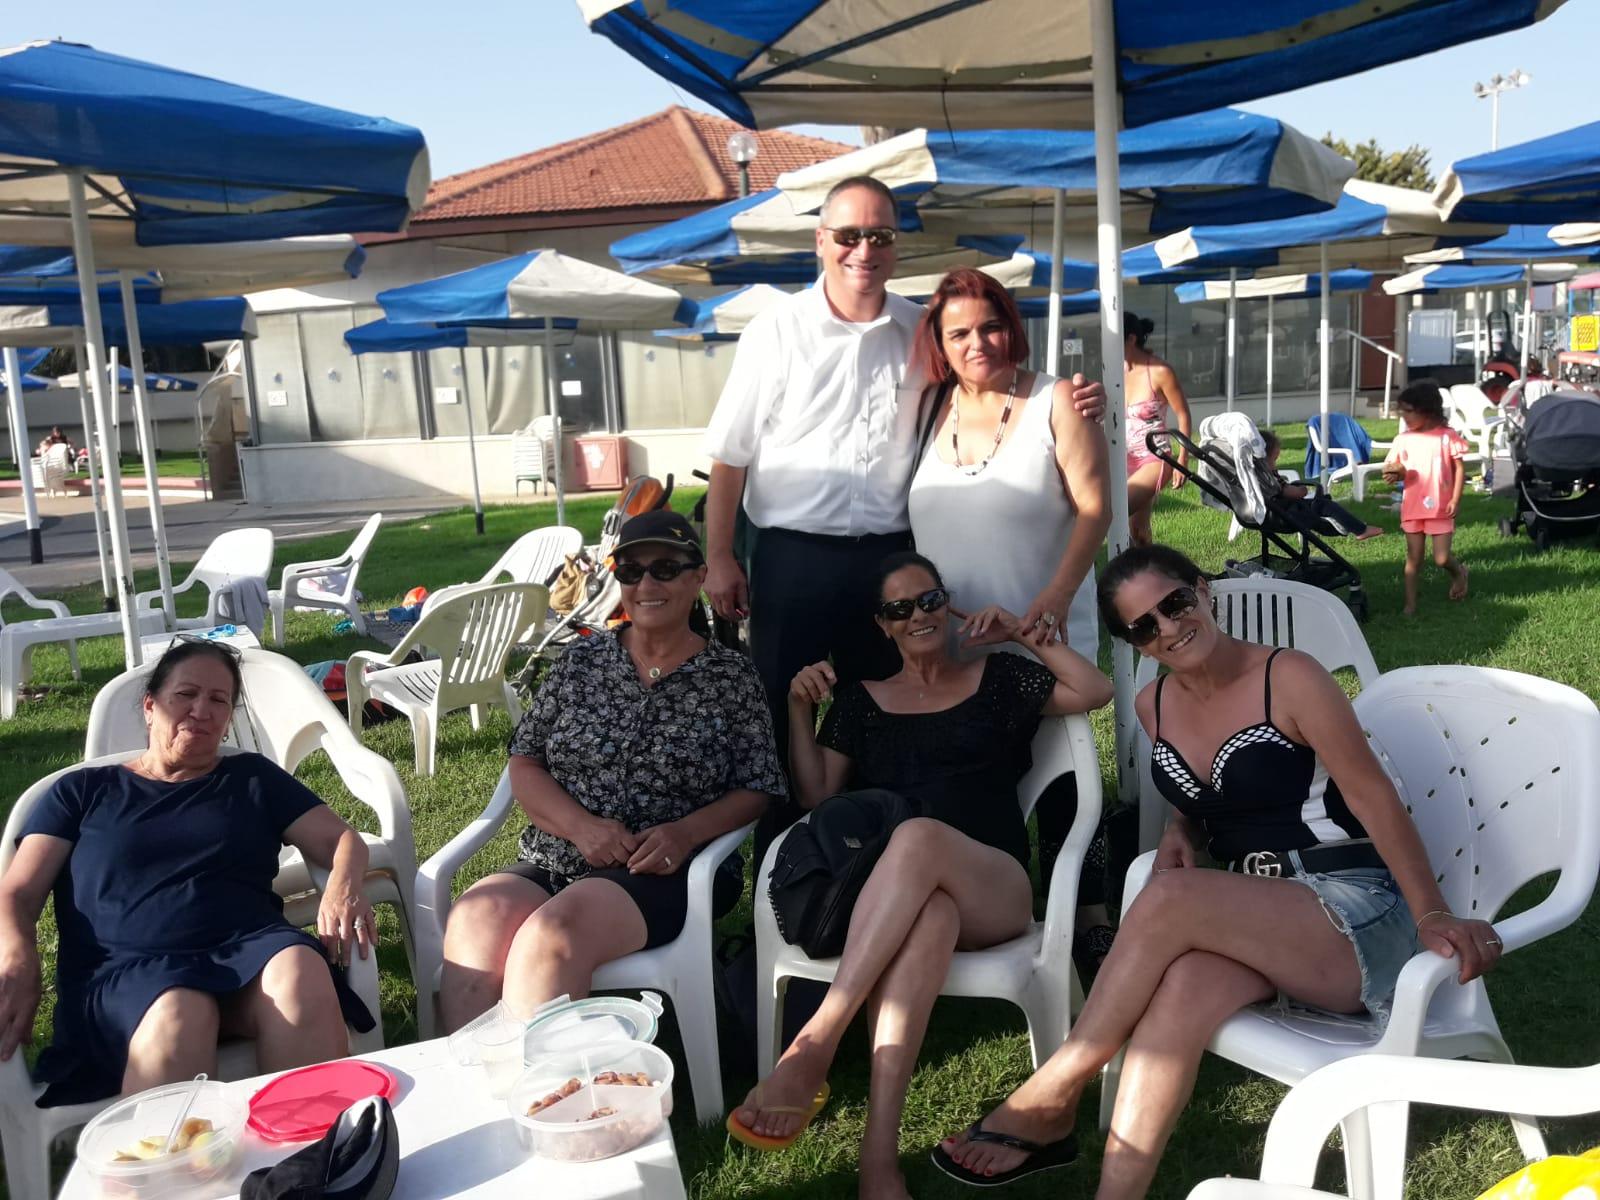 סגן ראש העיר ניר קריסטל ואורחים נוספים, במסיבת יום ההולדת של קארי פכטר